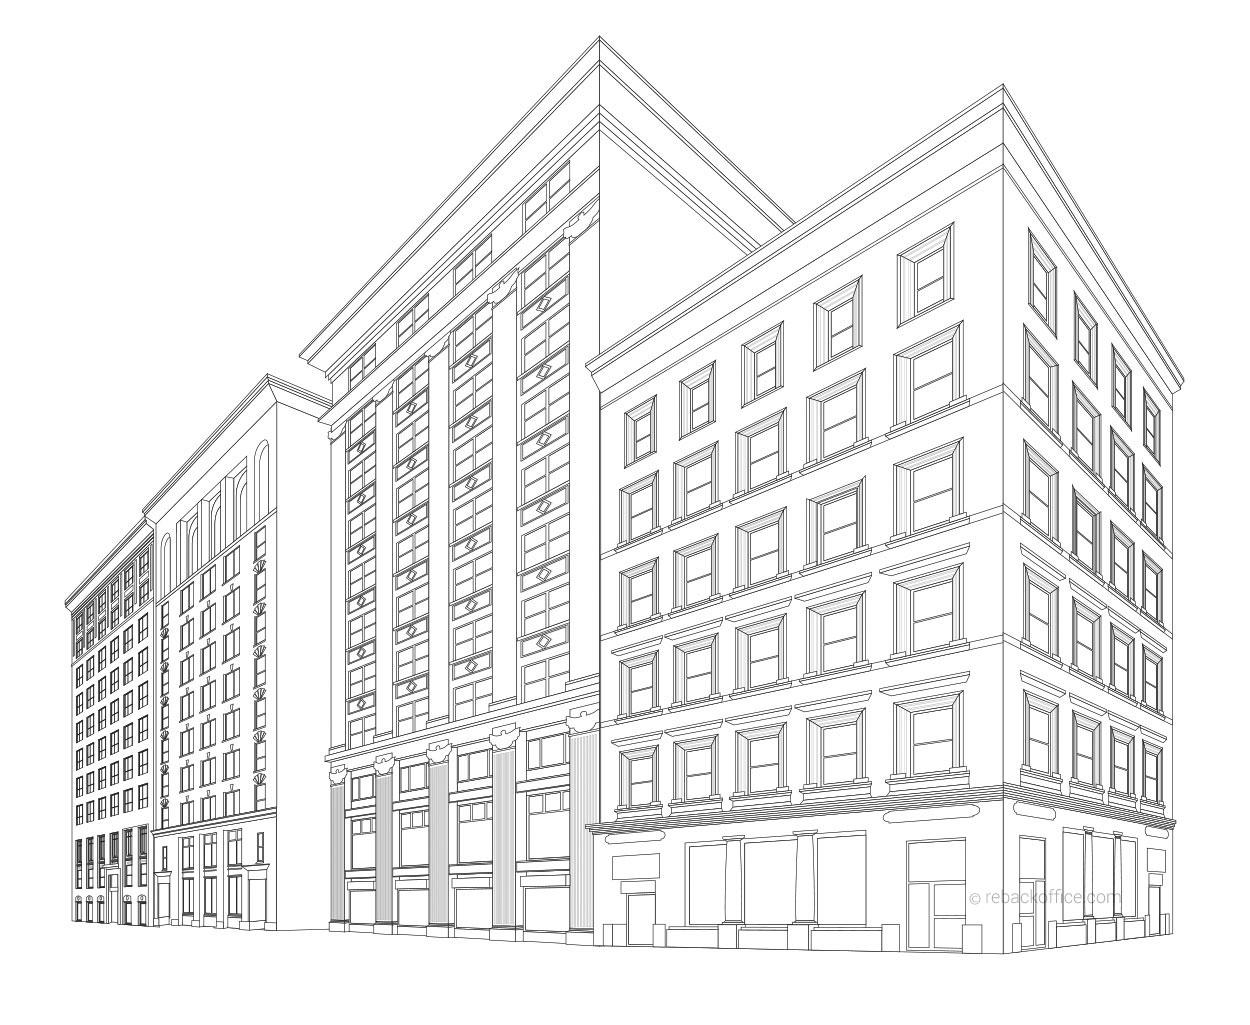 1250x1025 Rebackoffice Building Line Art Renderings Example 02